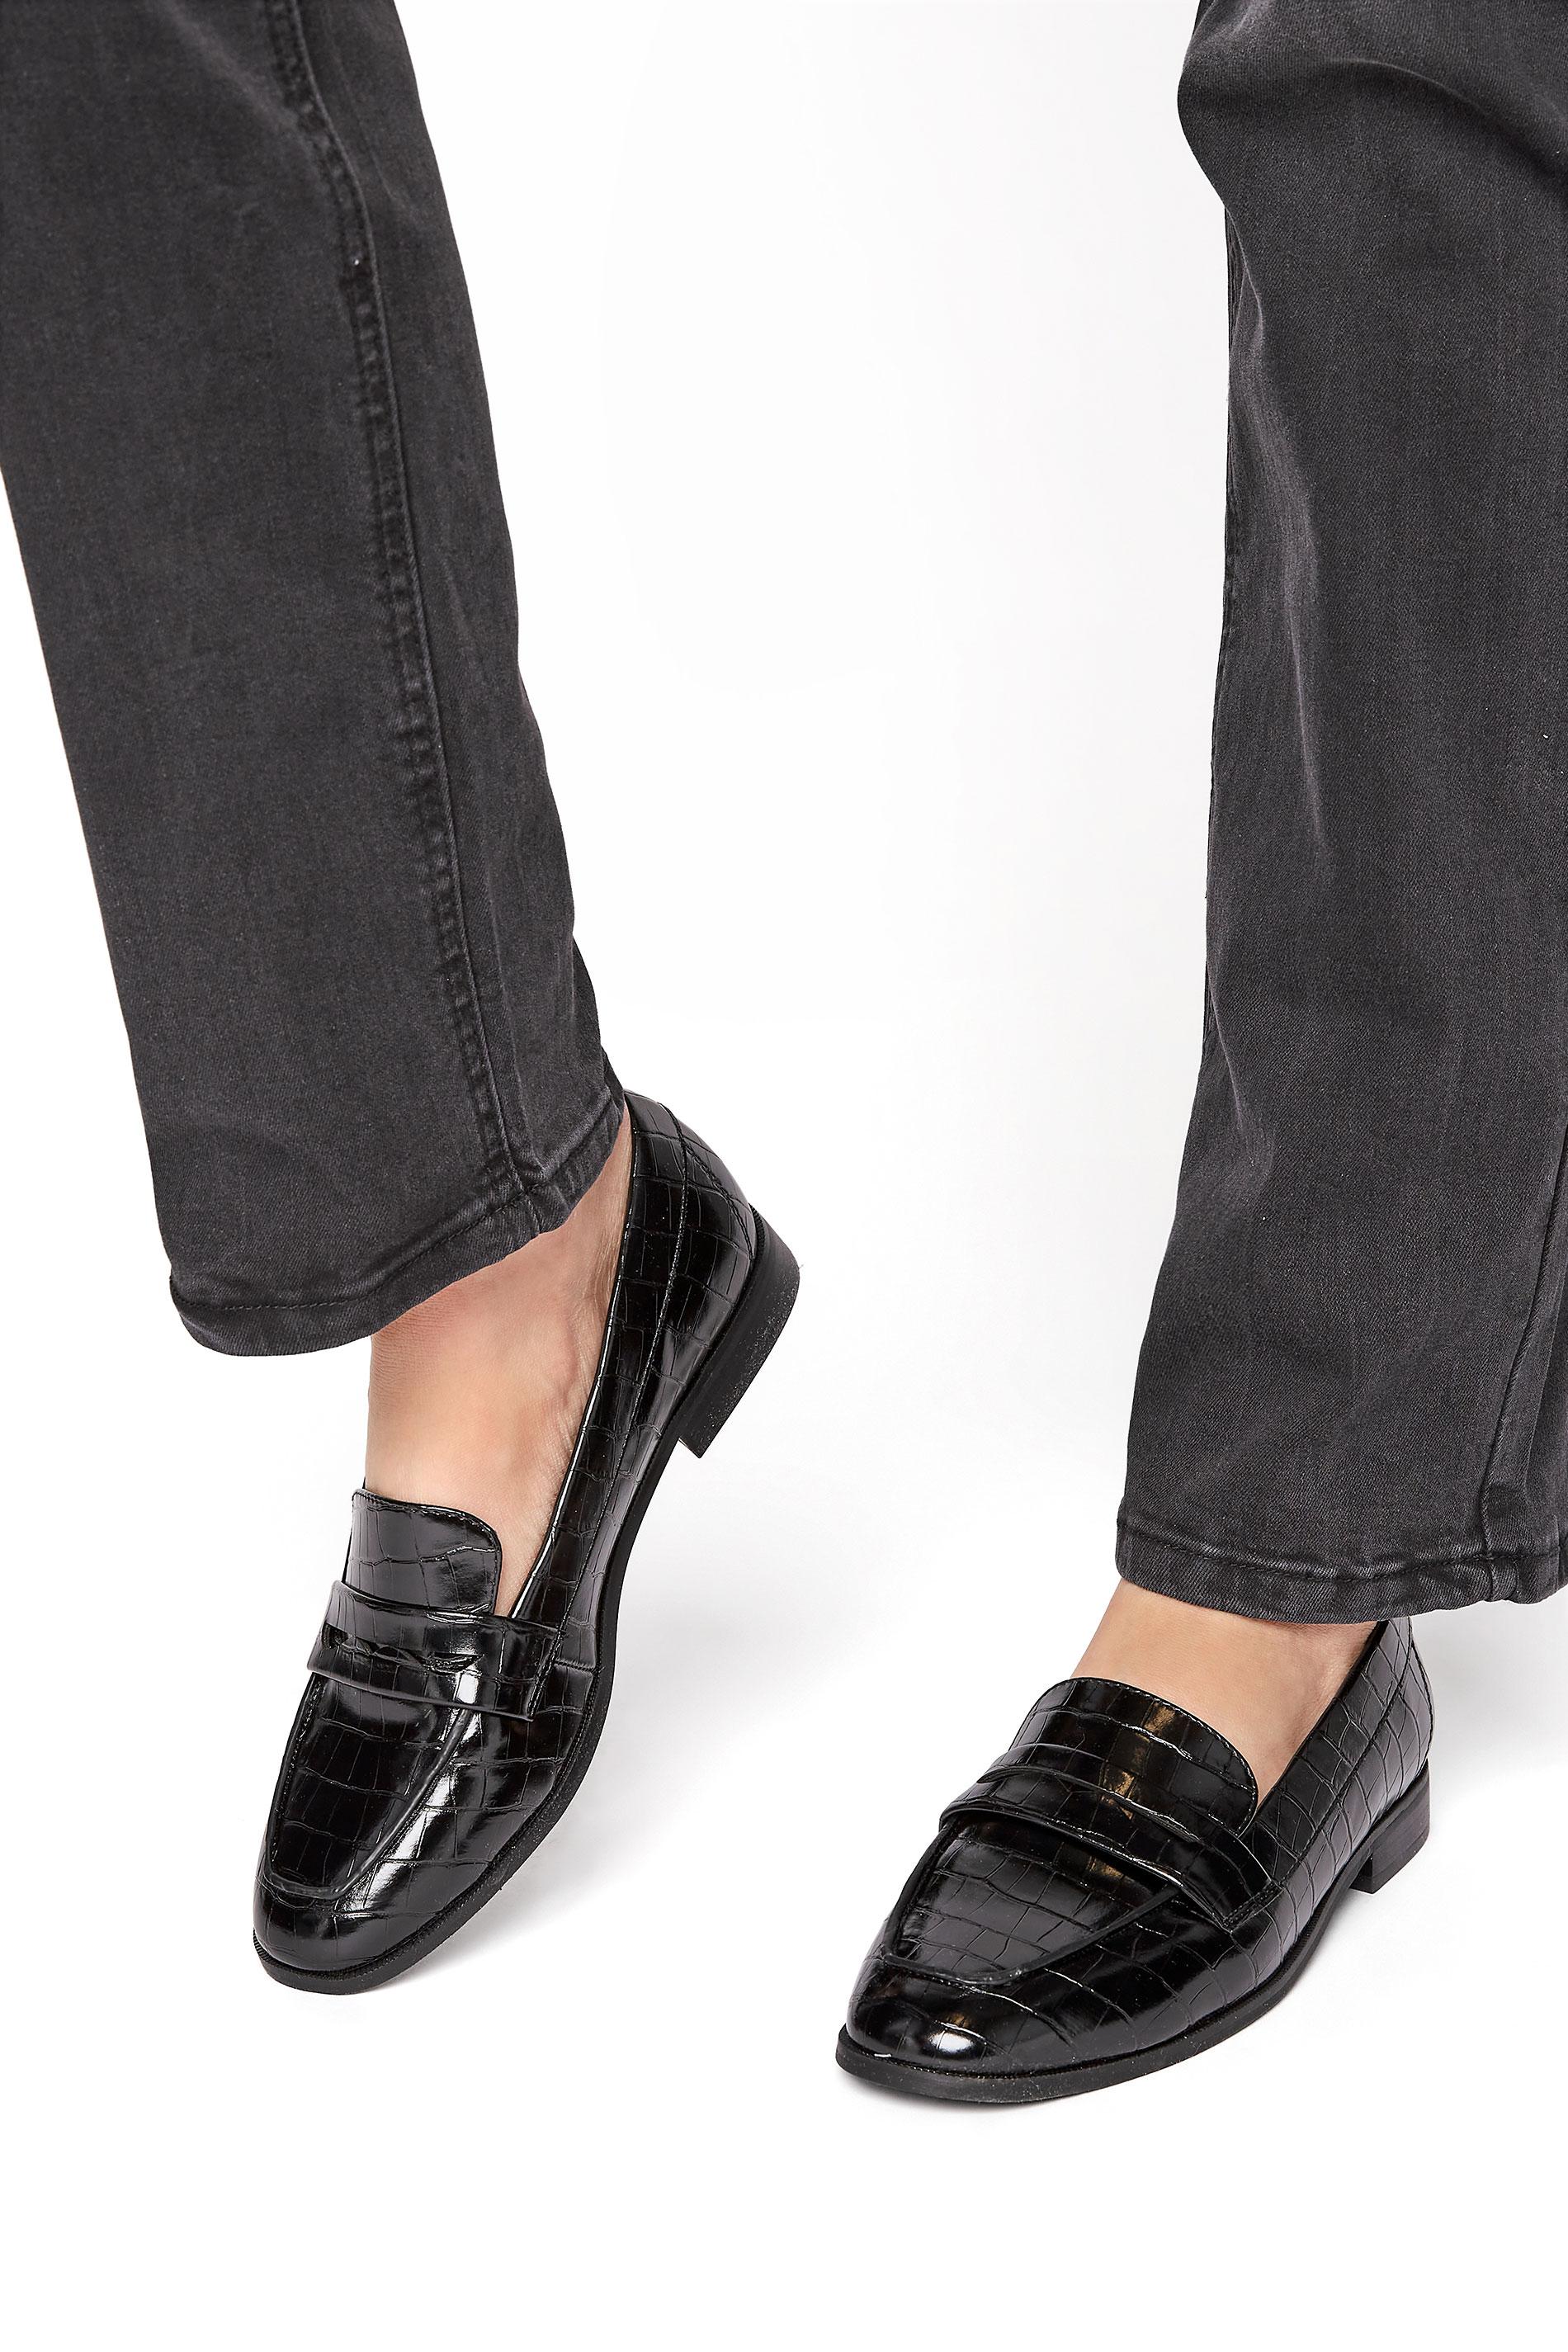 LTS Black Slip On Croc Loafers